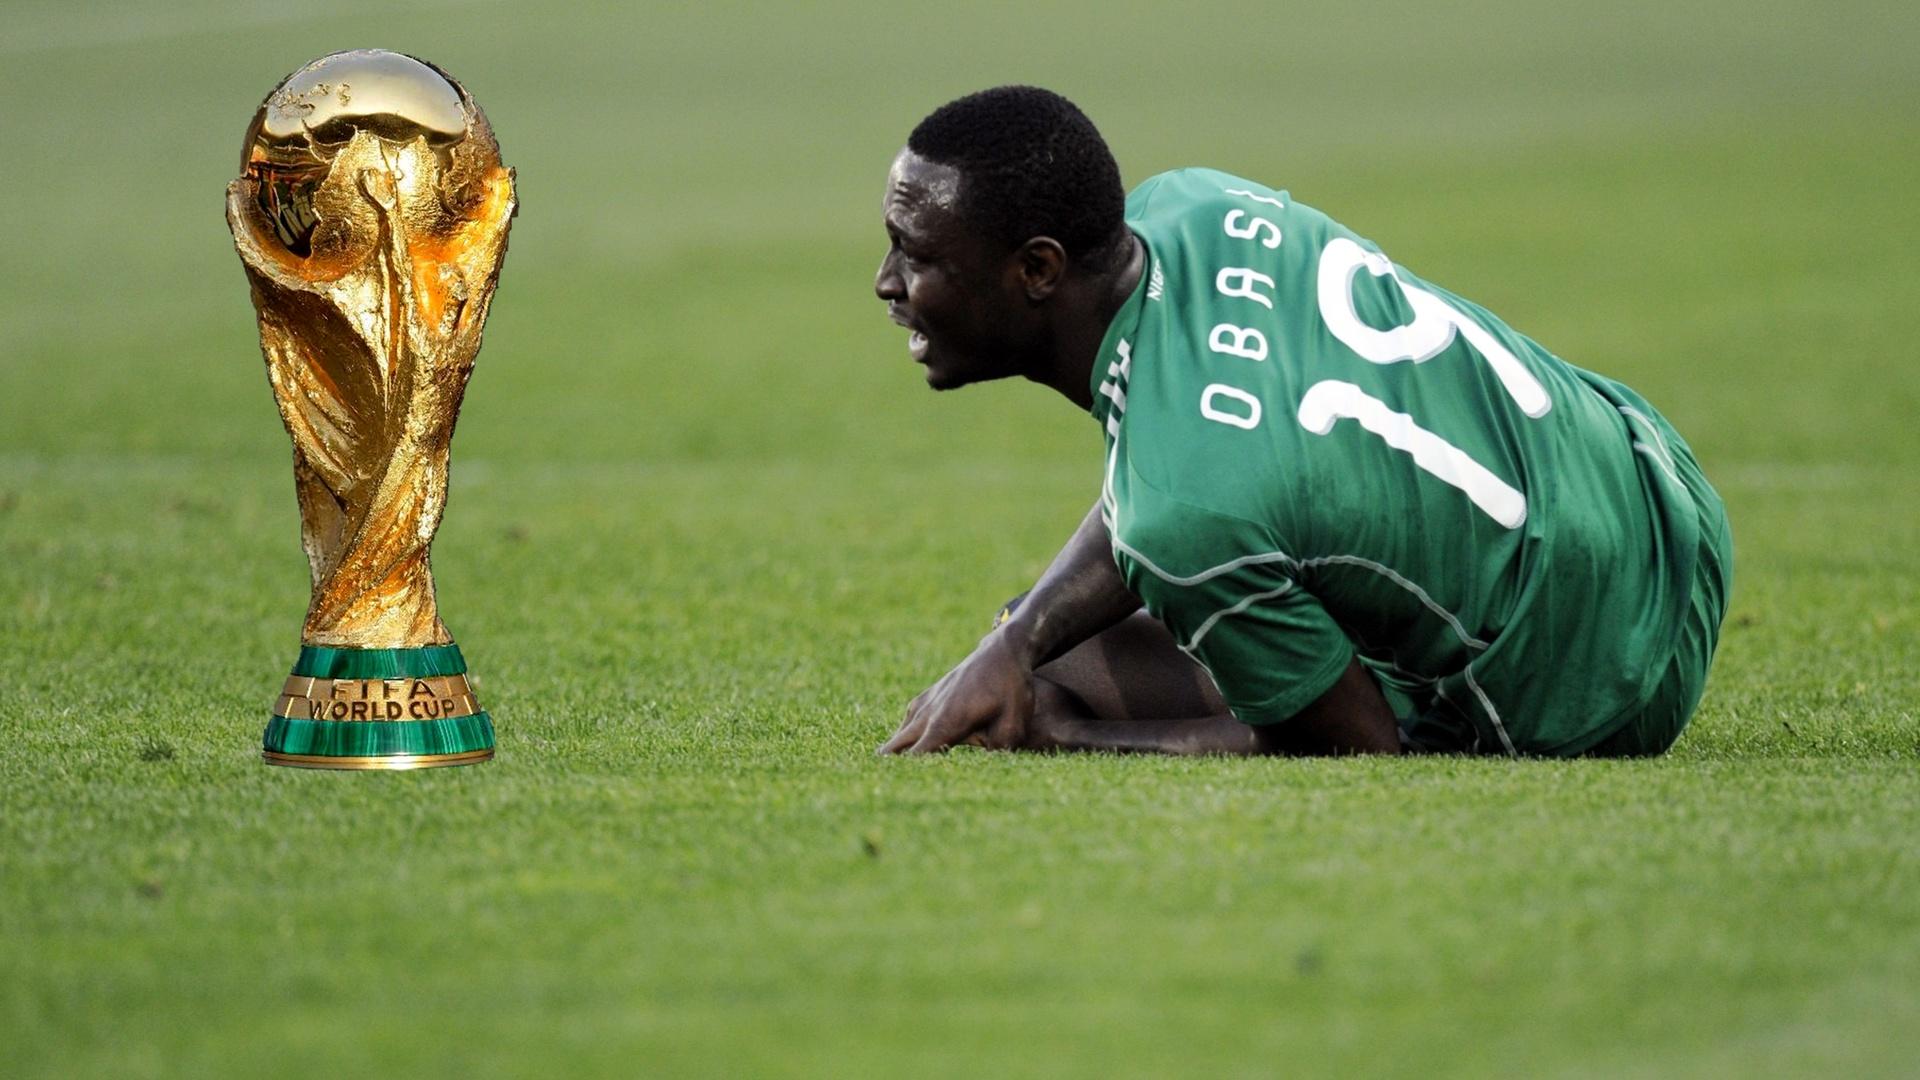 لاعب نيجيري يكشف معادلة: ادفع... تلعب في المونديال